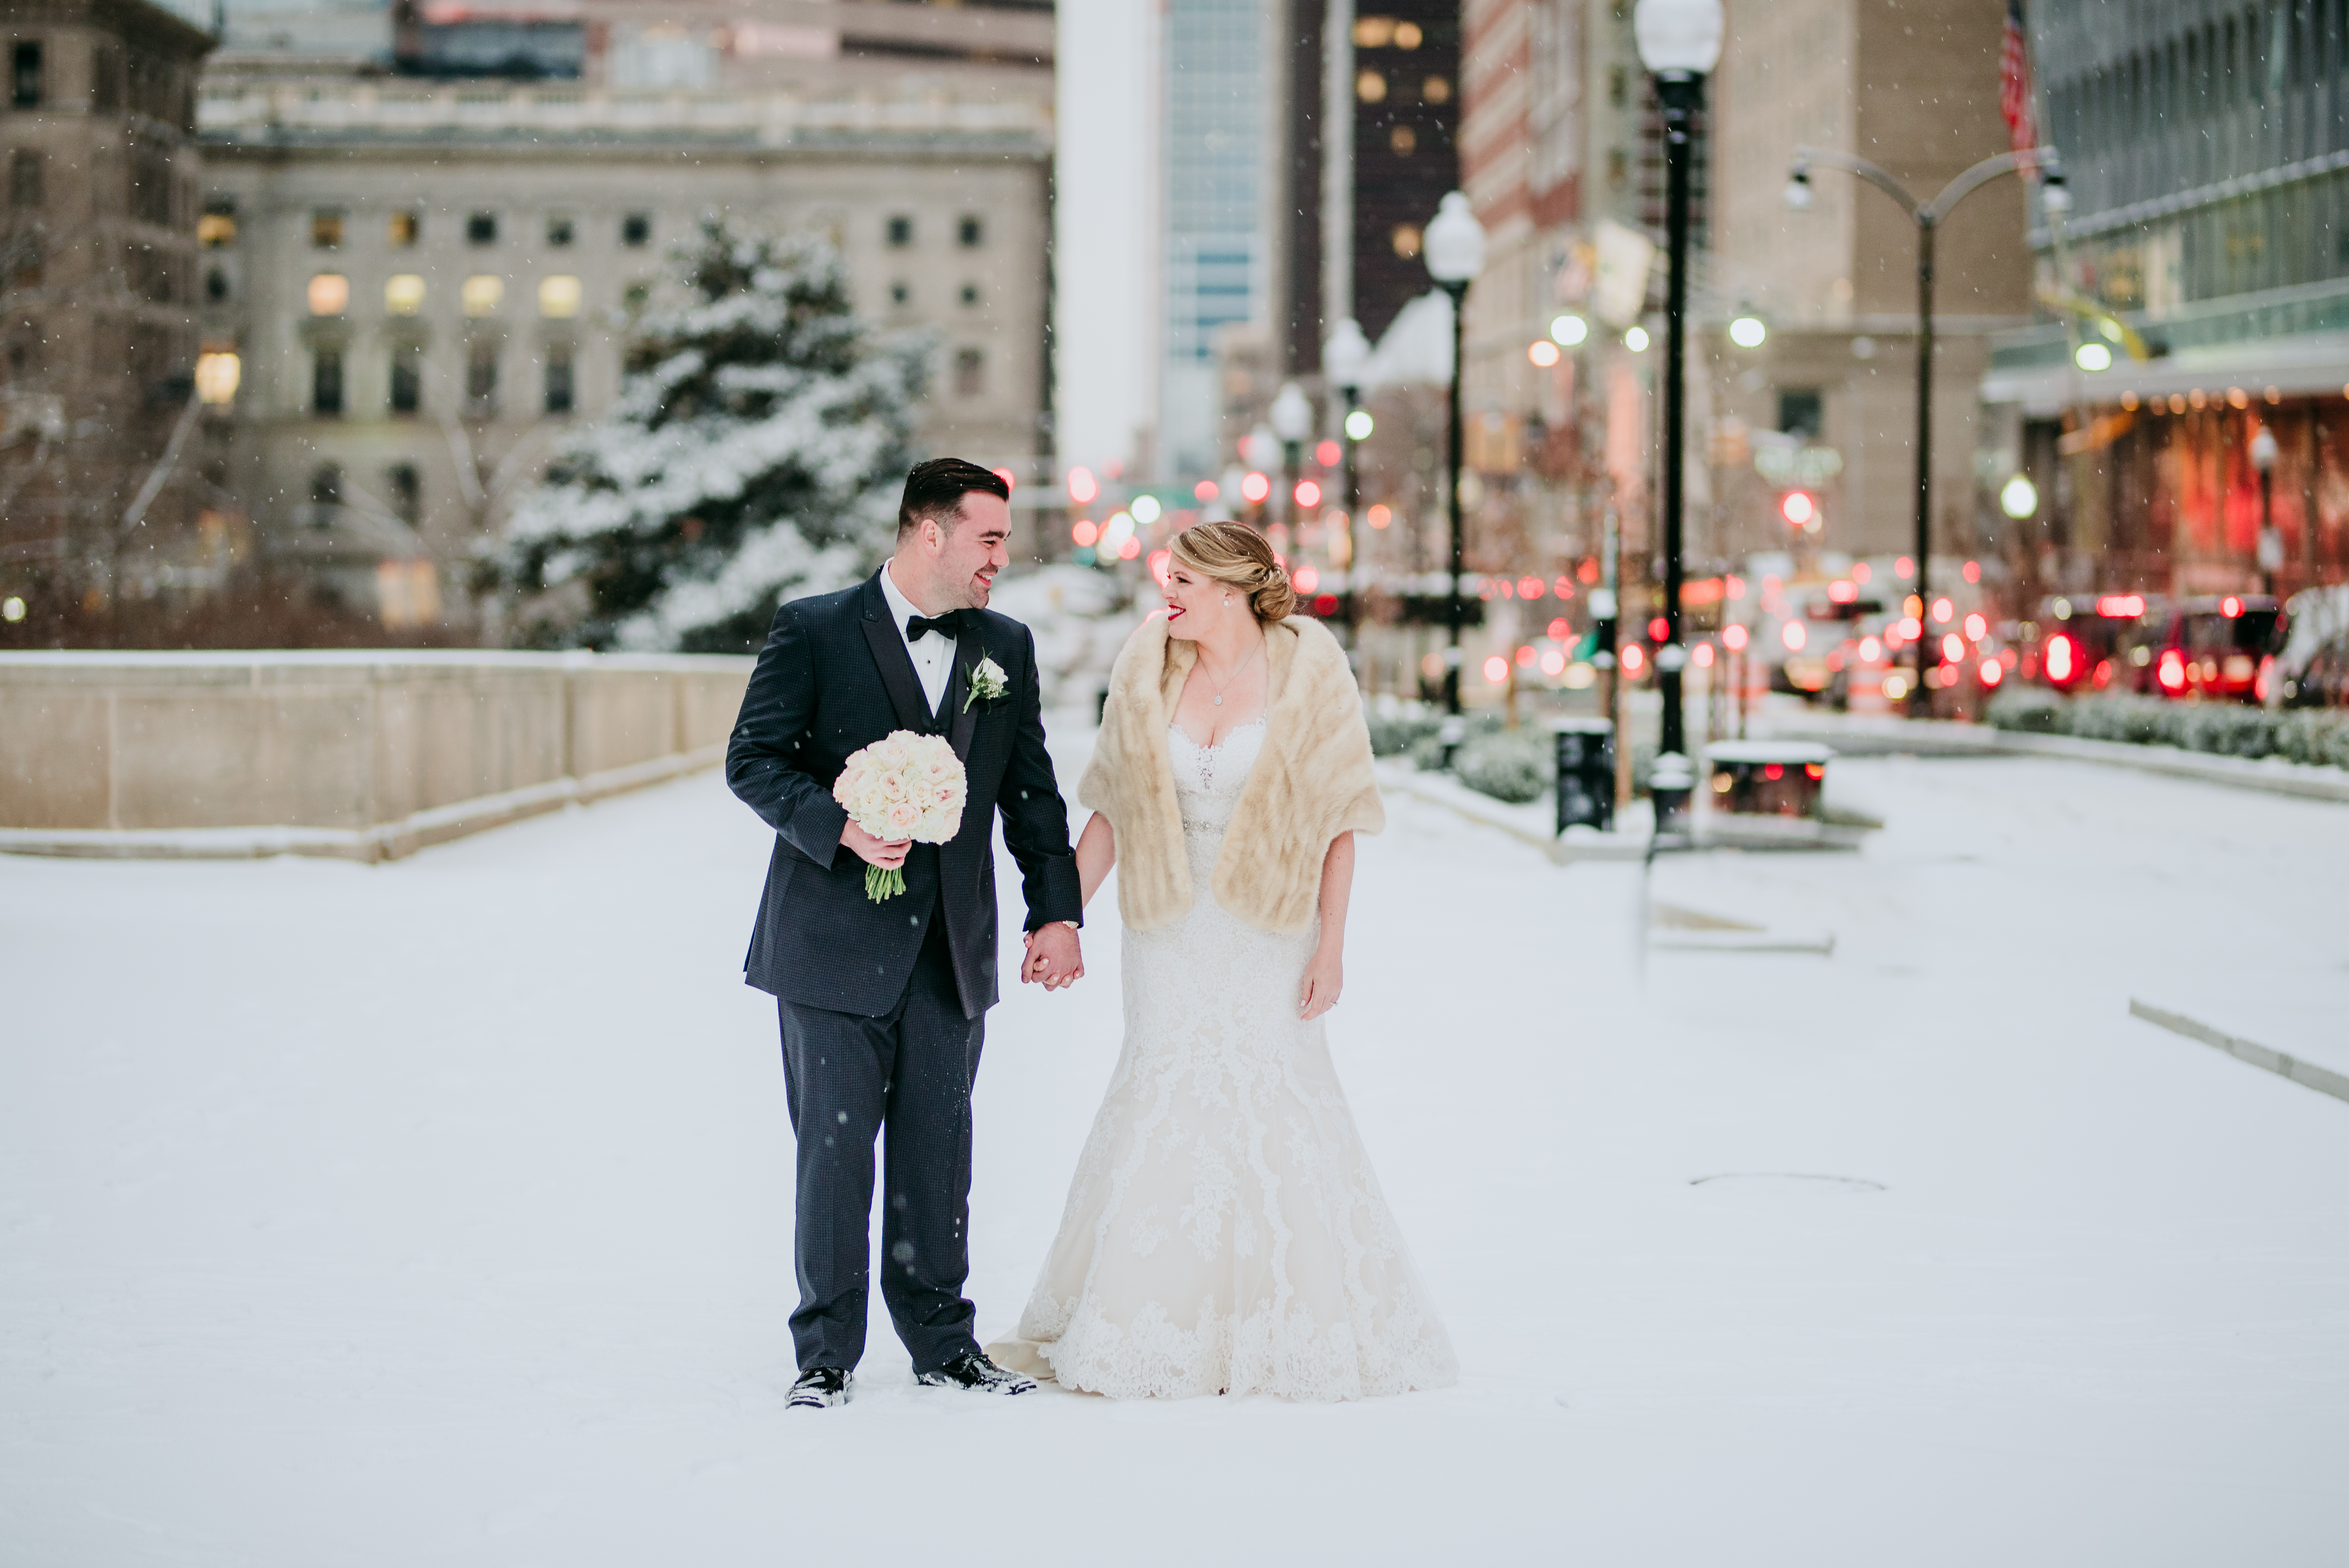 Baltimore Winter Wedding